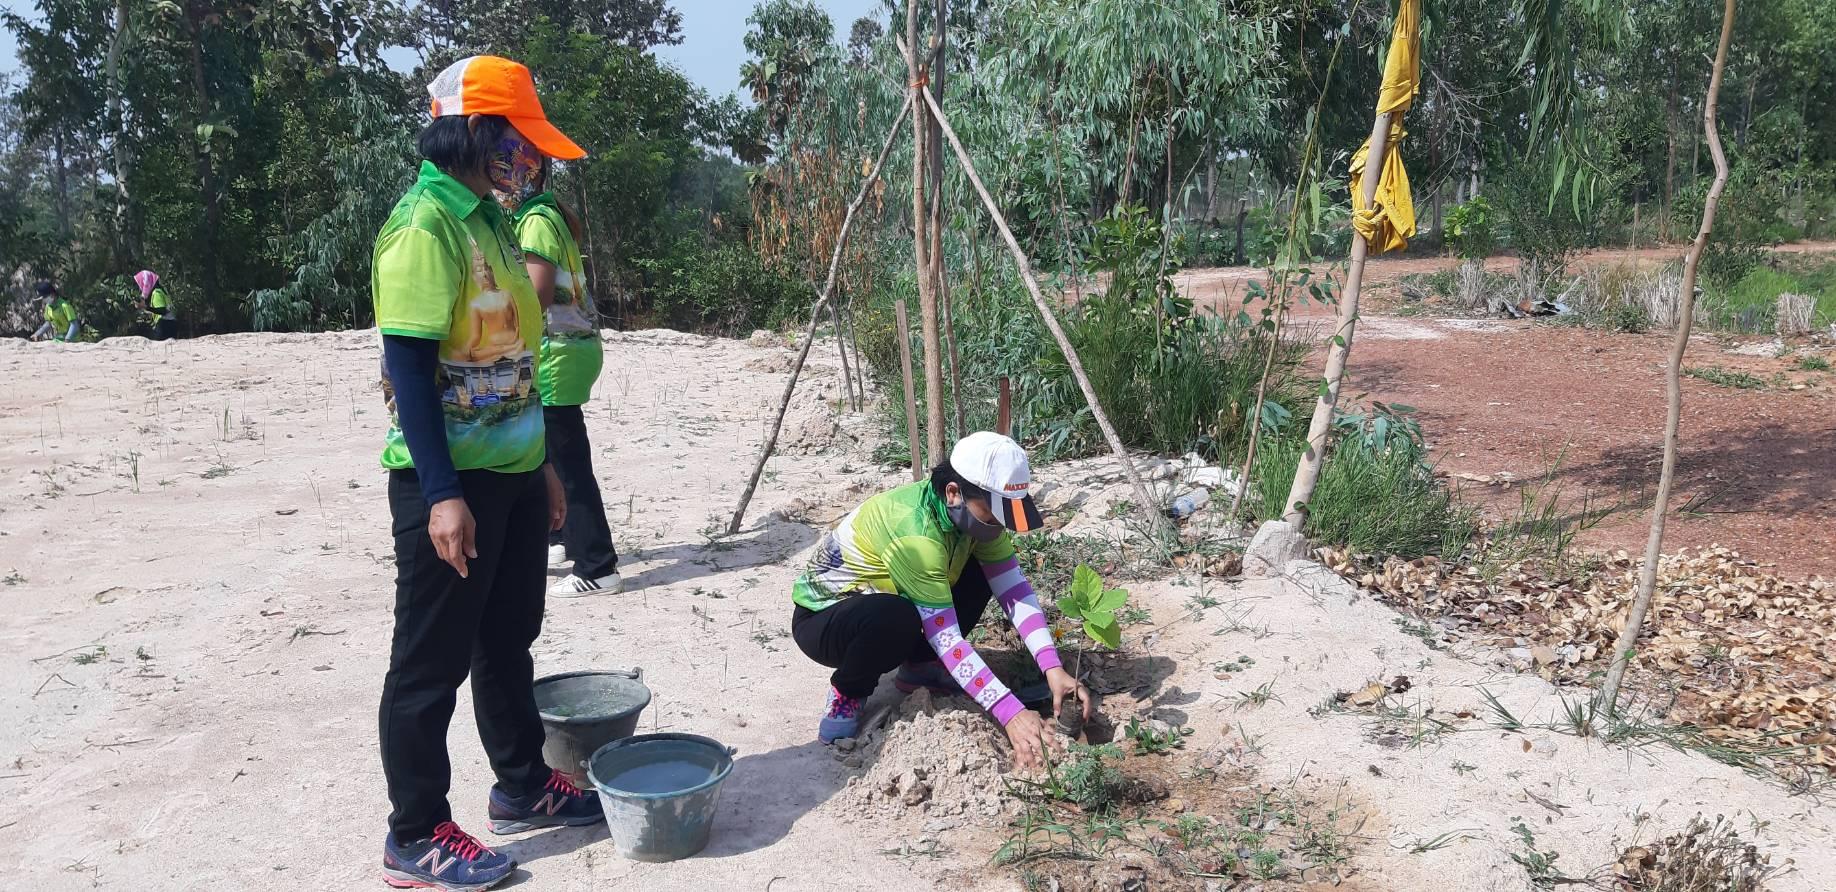 โครงการปลูกต้นไม้ เพื่อแผ่นดิน สืบสานสู่ ๑๐๐ ล้านต้น (7 พฤษภาคม 25563)